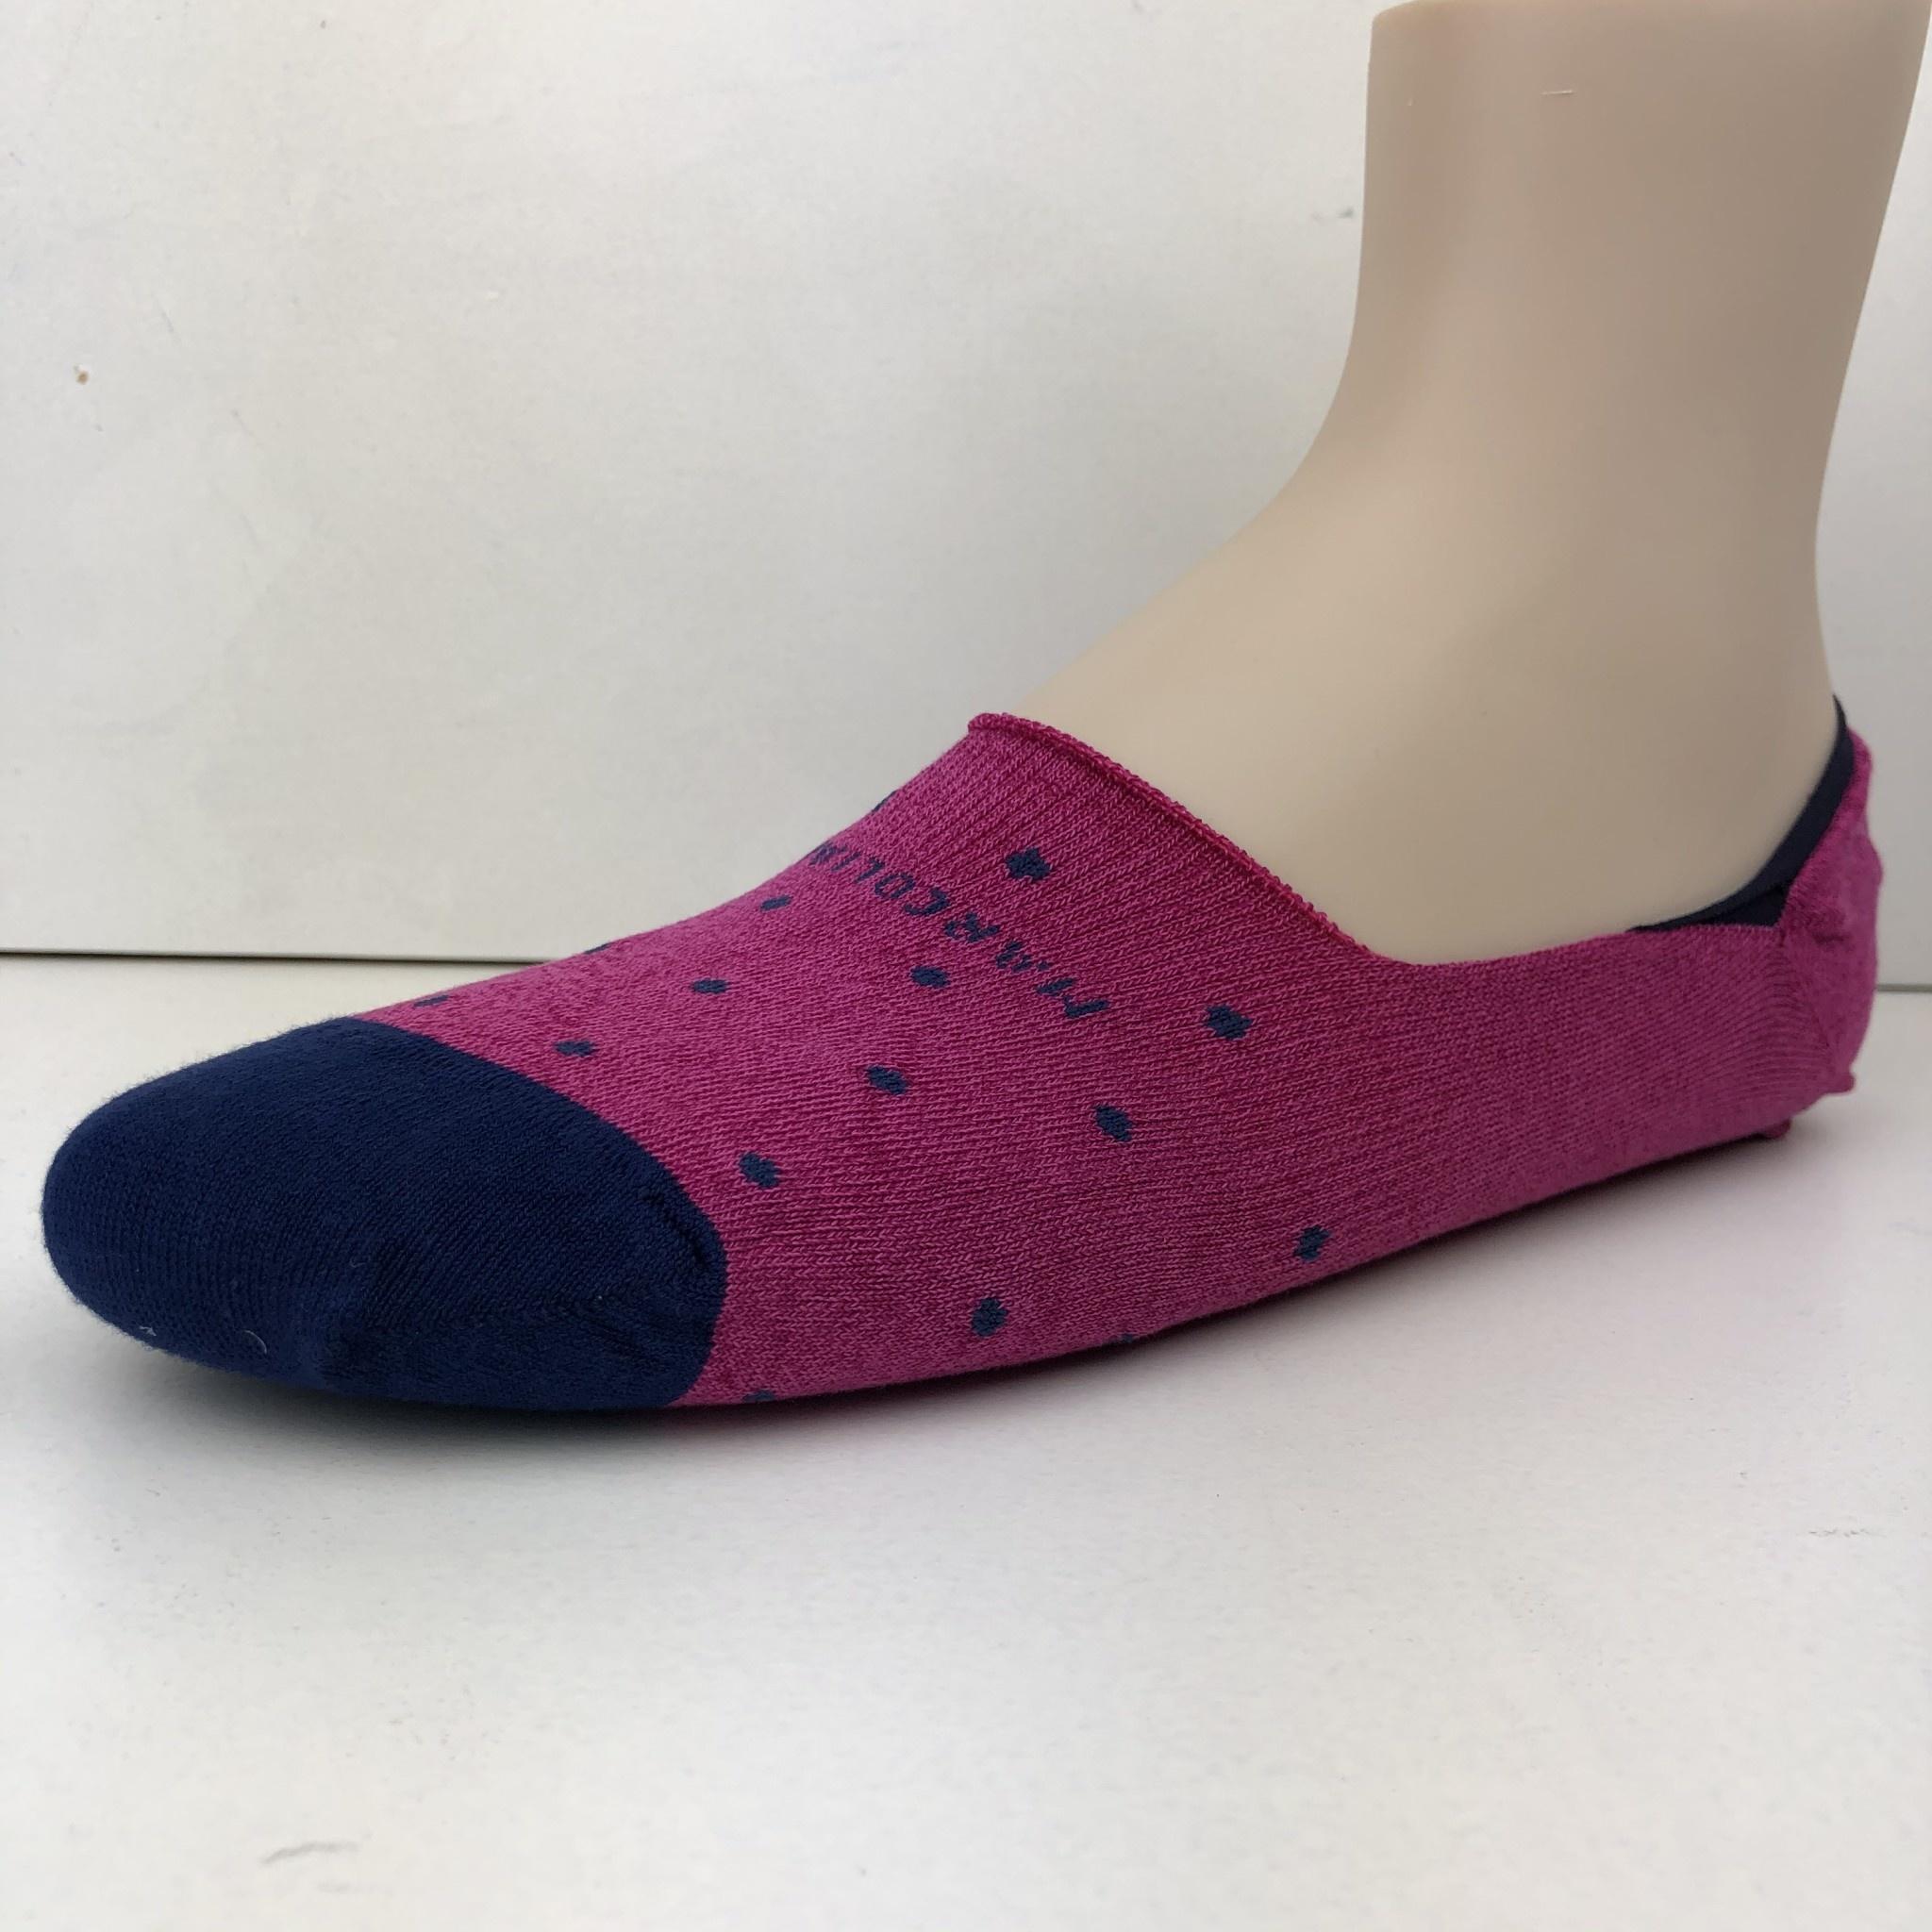 MARCOLIANI Marcoliani Original No Show Sock  MAR3312S